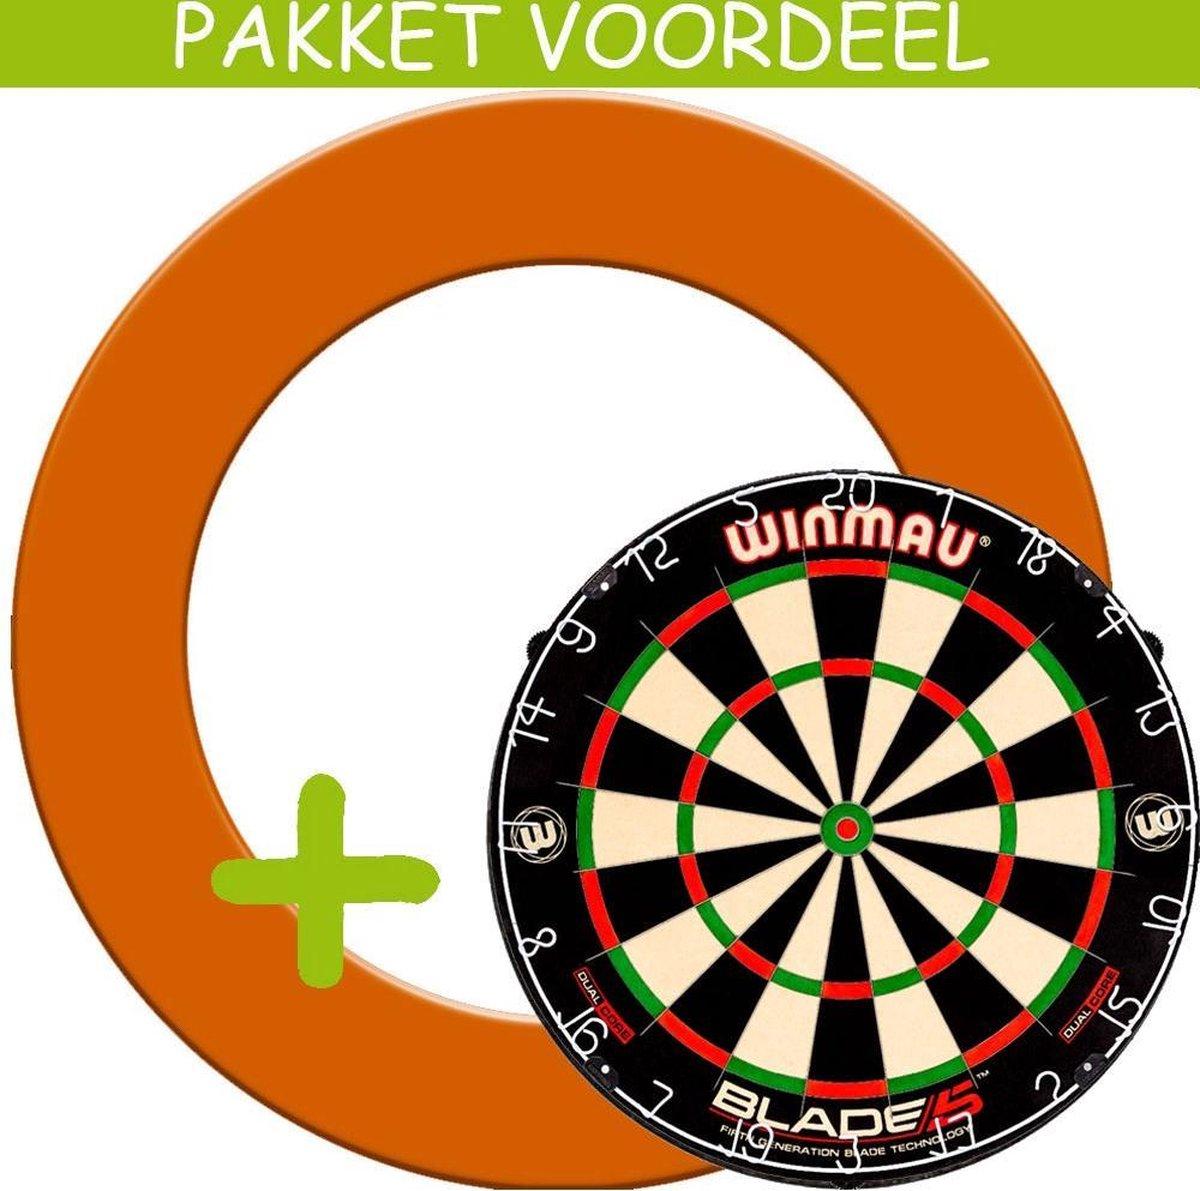 Dartbord Surround VoordeelPakket - Dual Core - Rubberen Surround-- (Oranje)